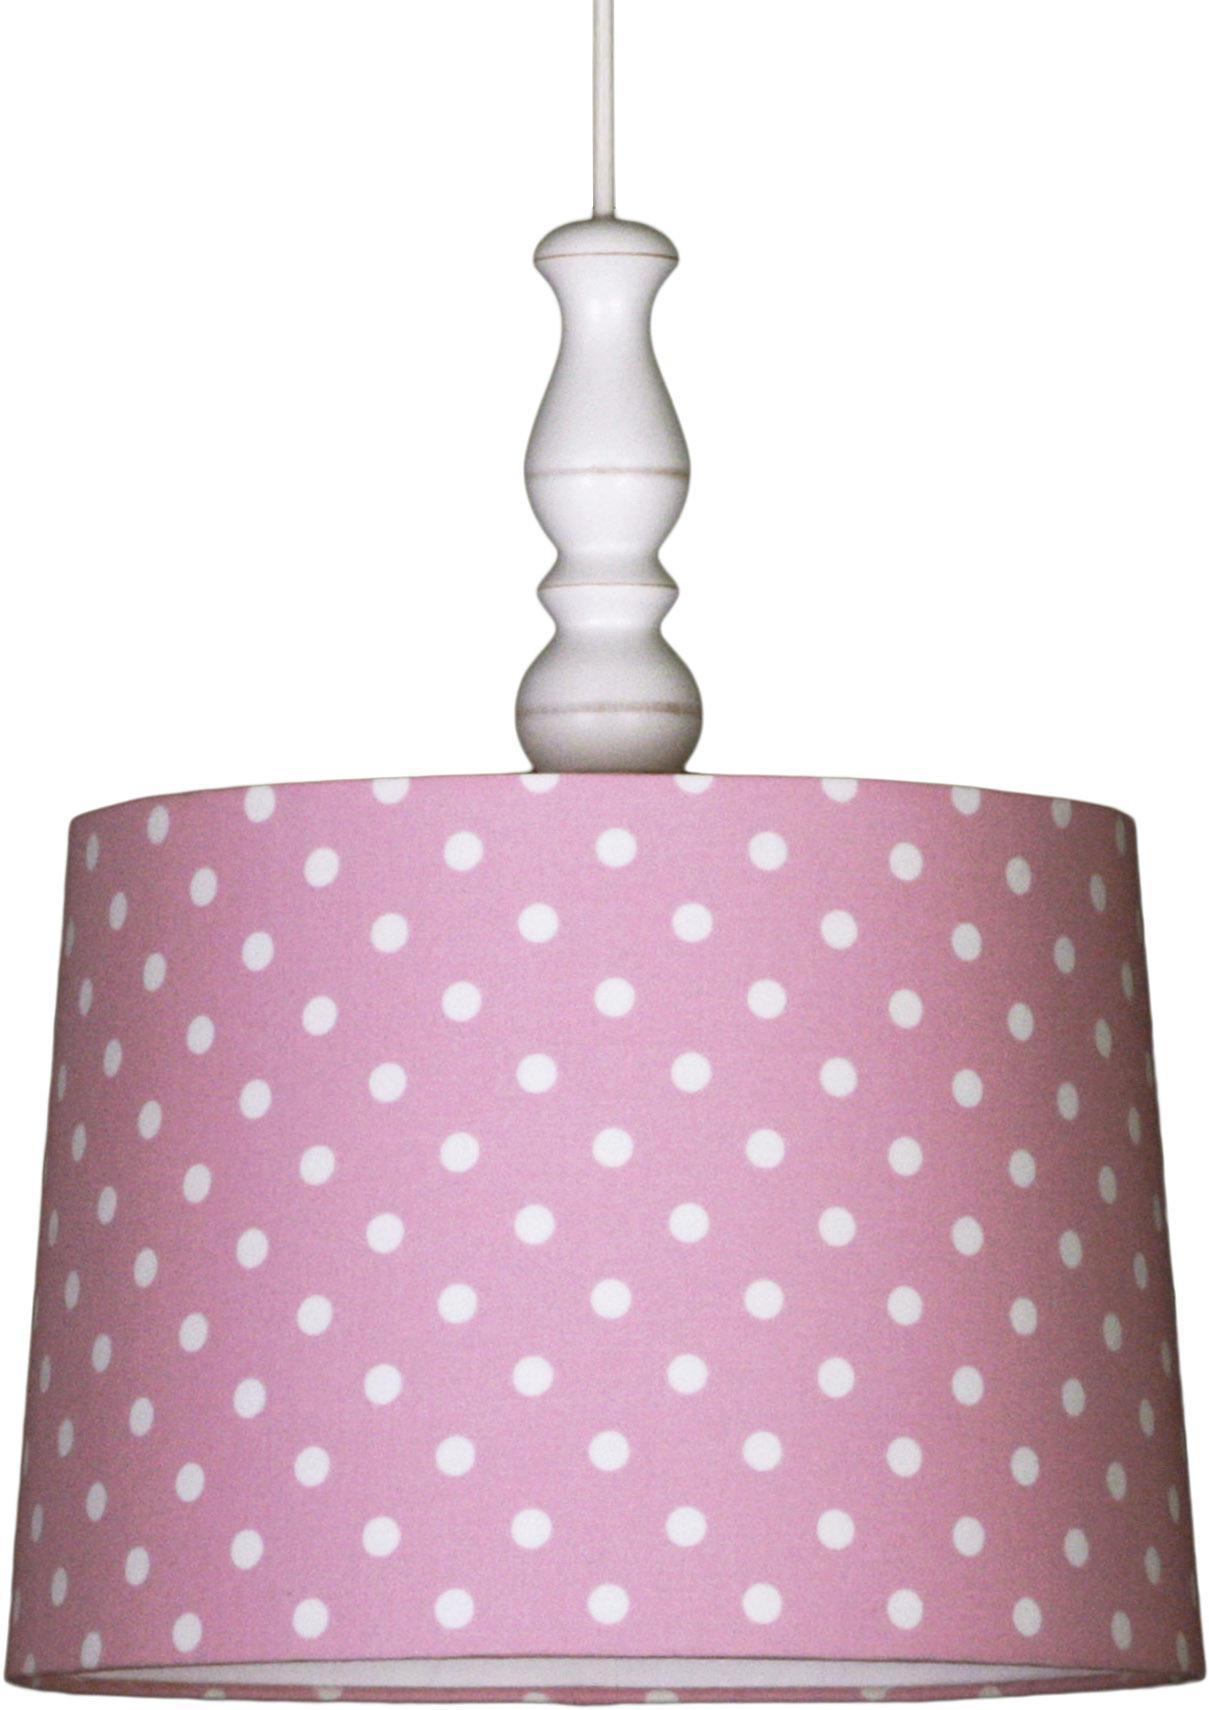 pendellampe tupfen rosa wei pendelleuchten mit stoff bezogen. Black Bedroom Furniture Sets. Home Design Ideas